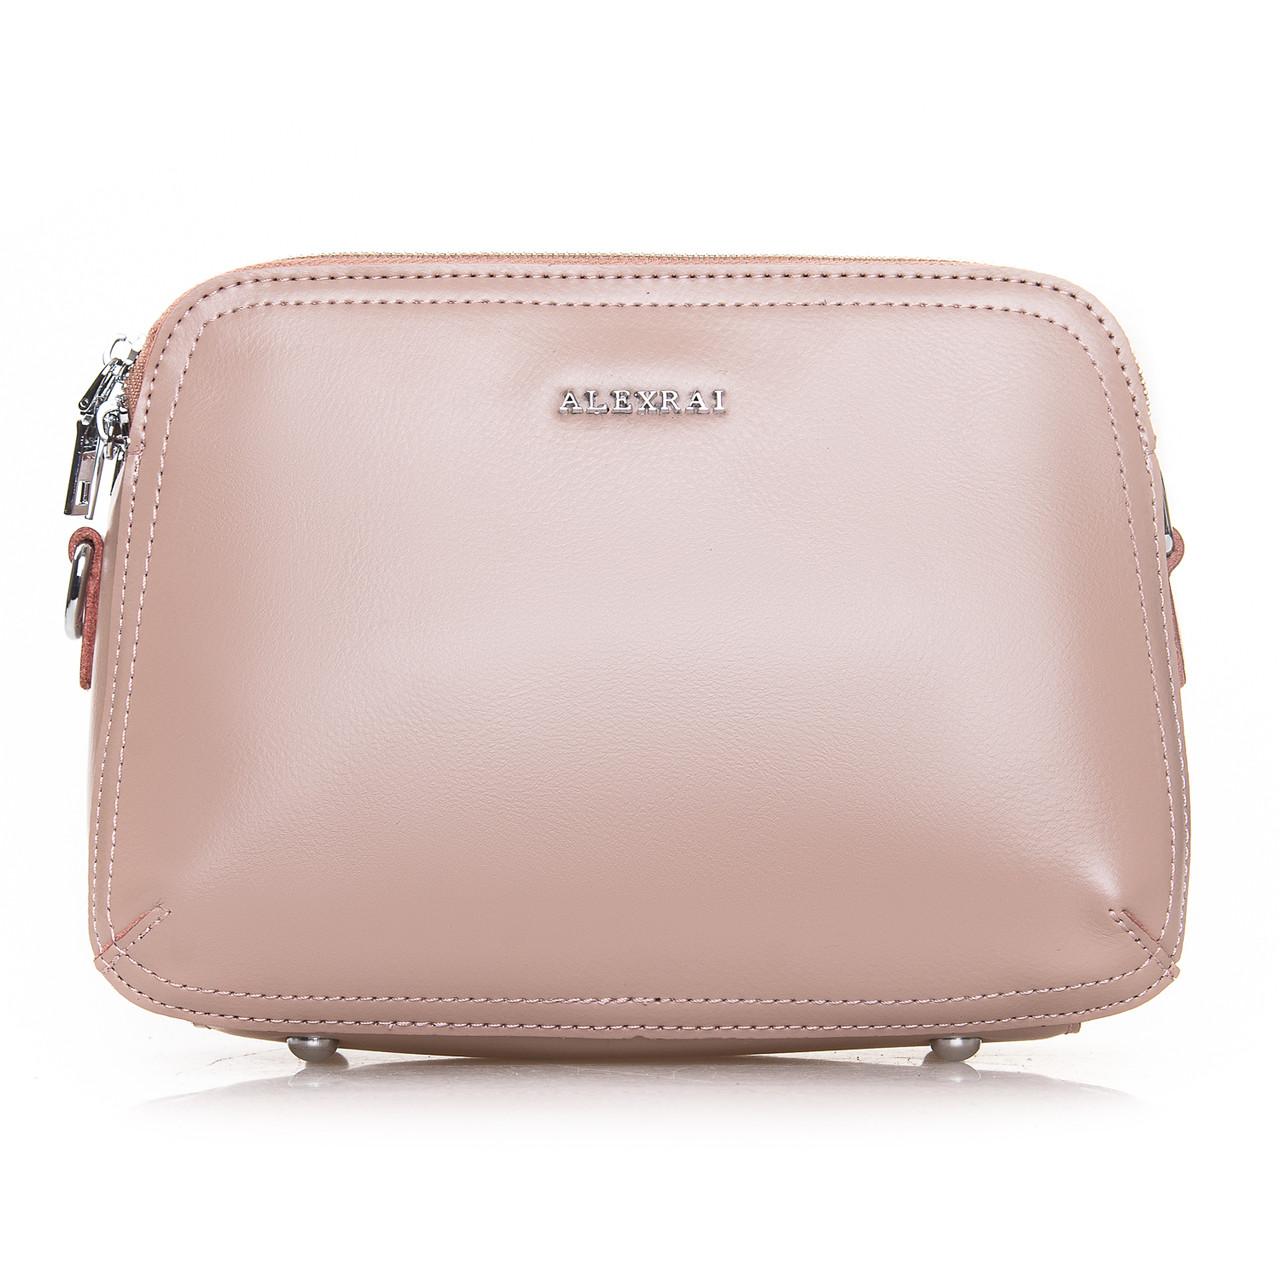 Сумка Женская Клатч кожа ALEX RAI 2-01 8725 pink